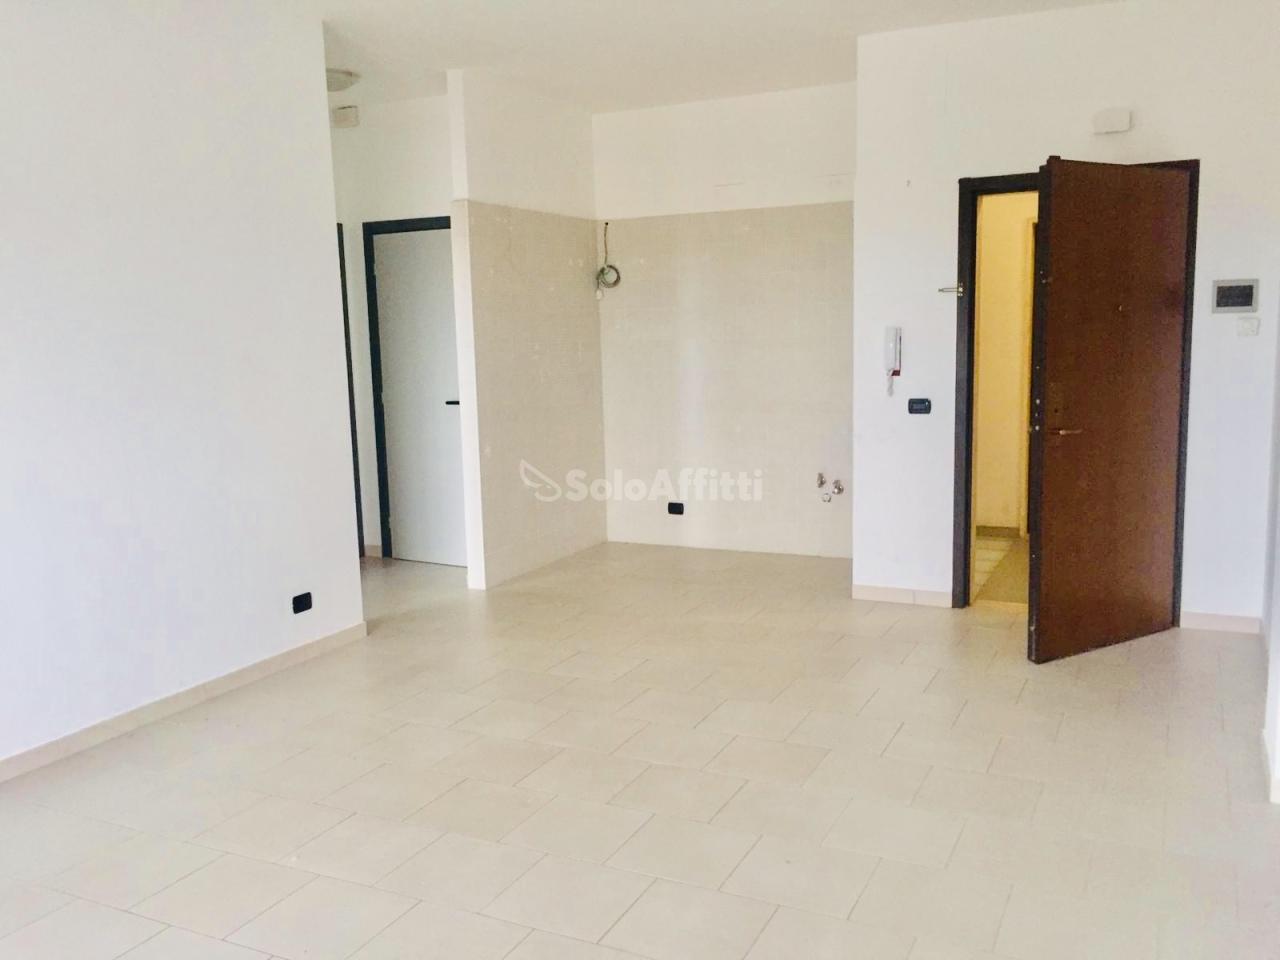 Ufficio - 2 locali a Poggiofranco, Bari Rif. 10006351